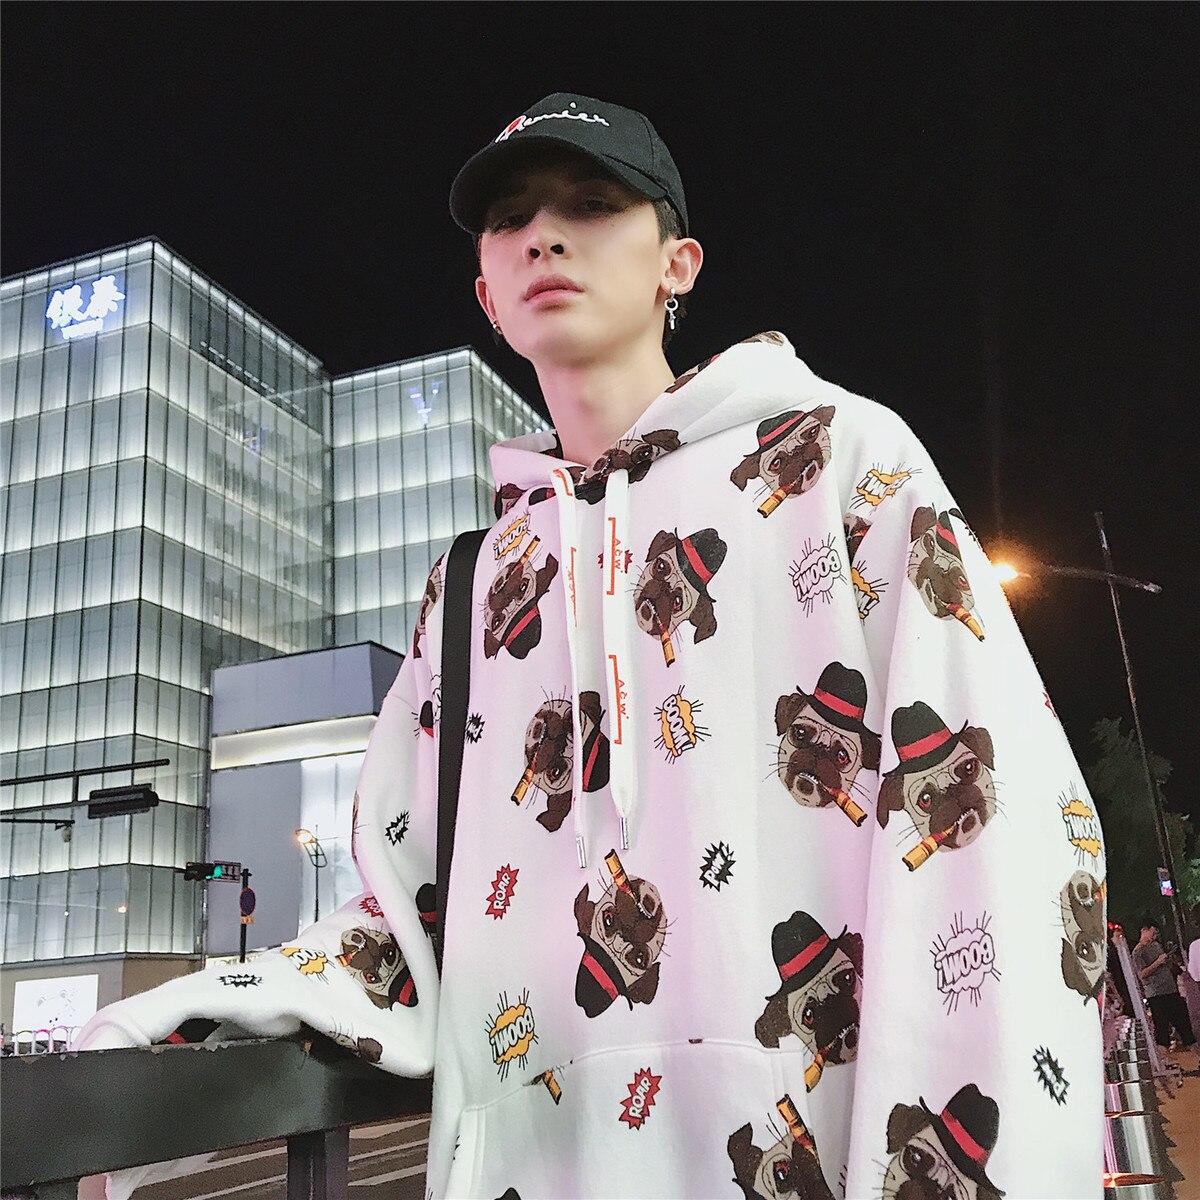 2018 hommes marque de mode vêtements pull dessin animé impression mâle sweat à capuche coton pulls décontractés blanc/gris manteaux M-XL